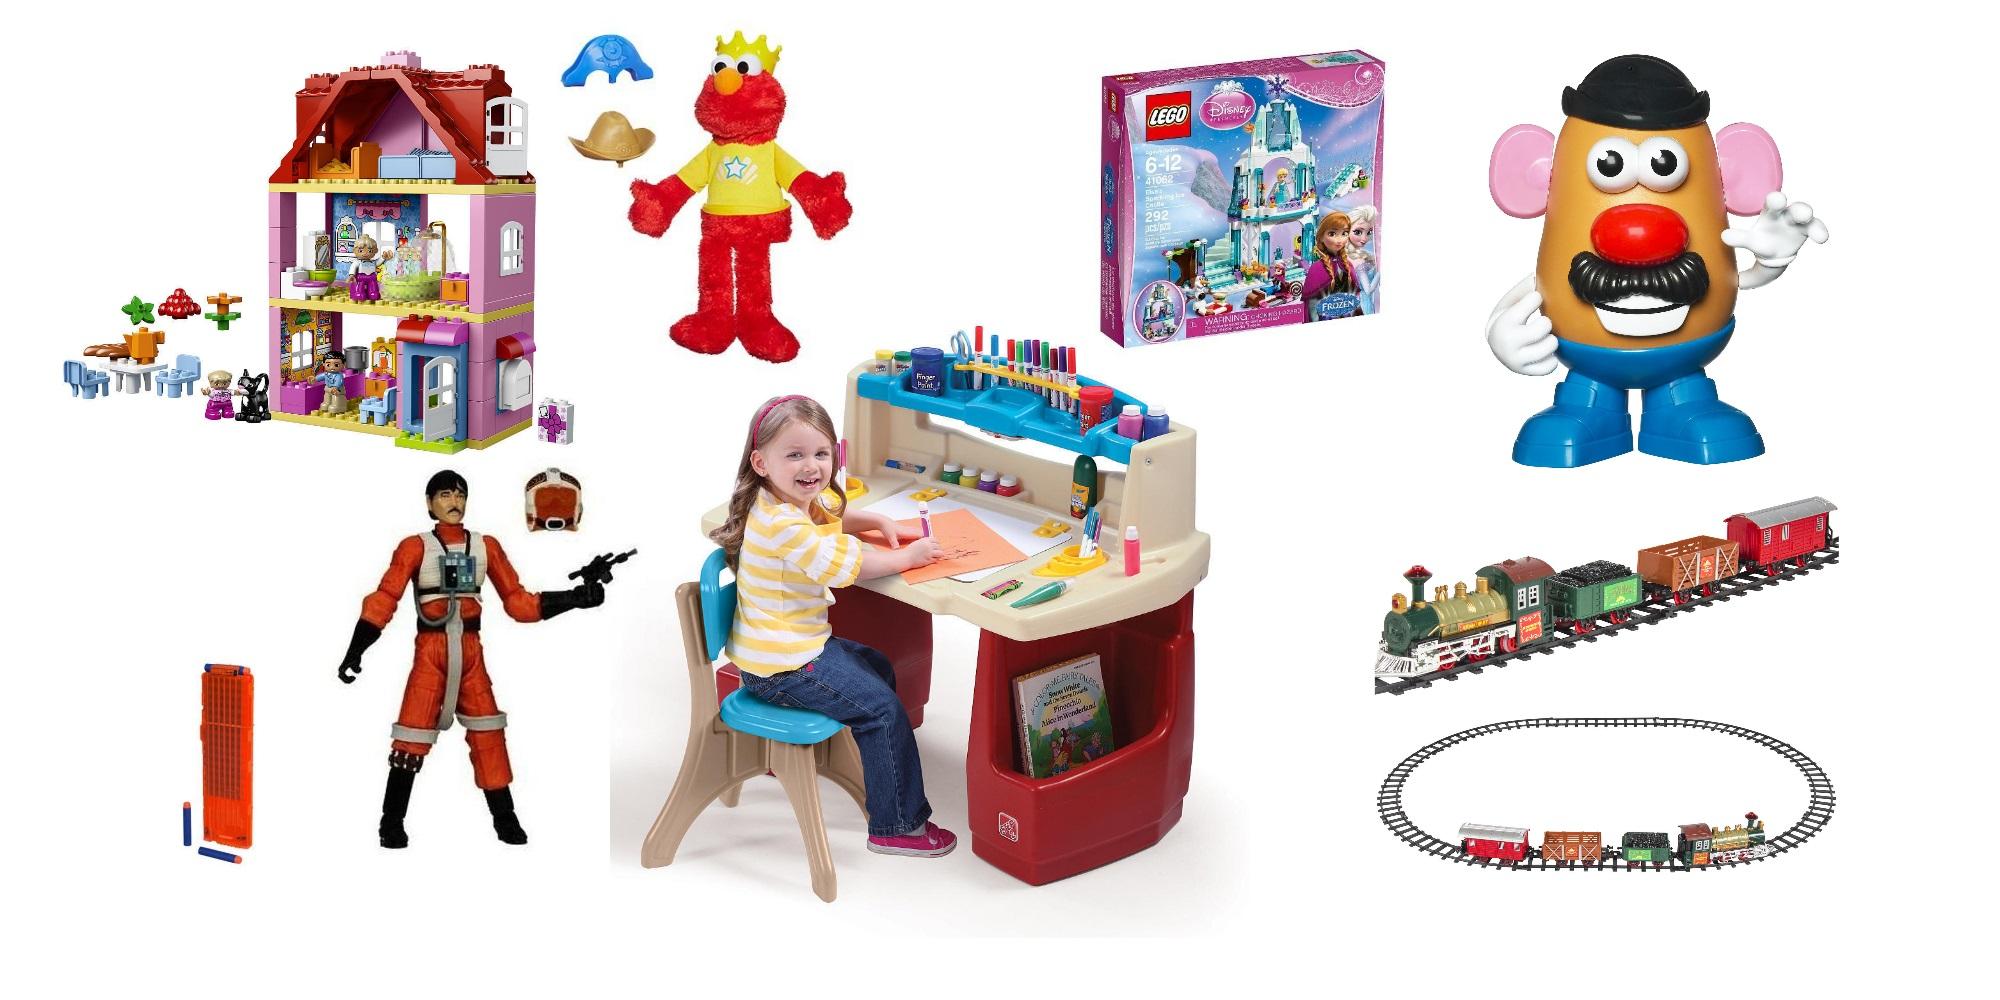 ebay-toys-10316